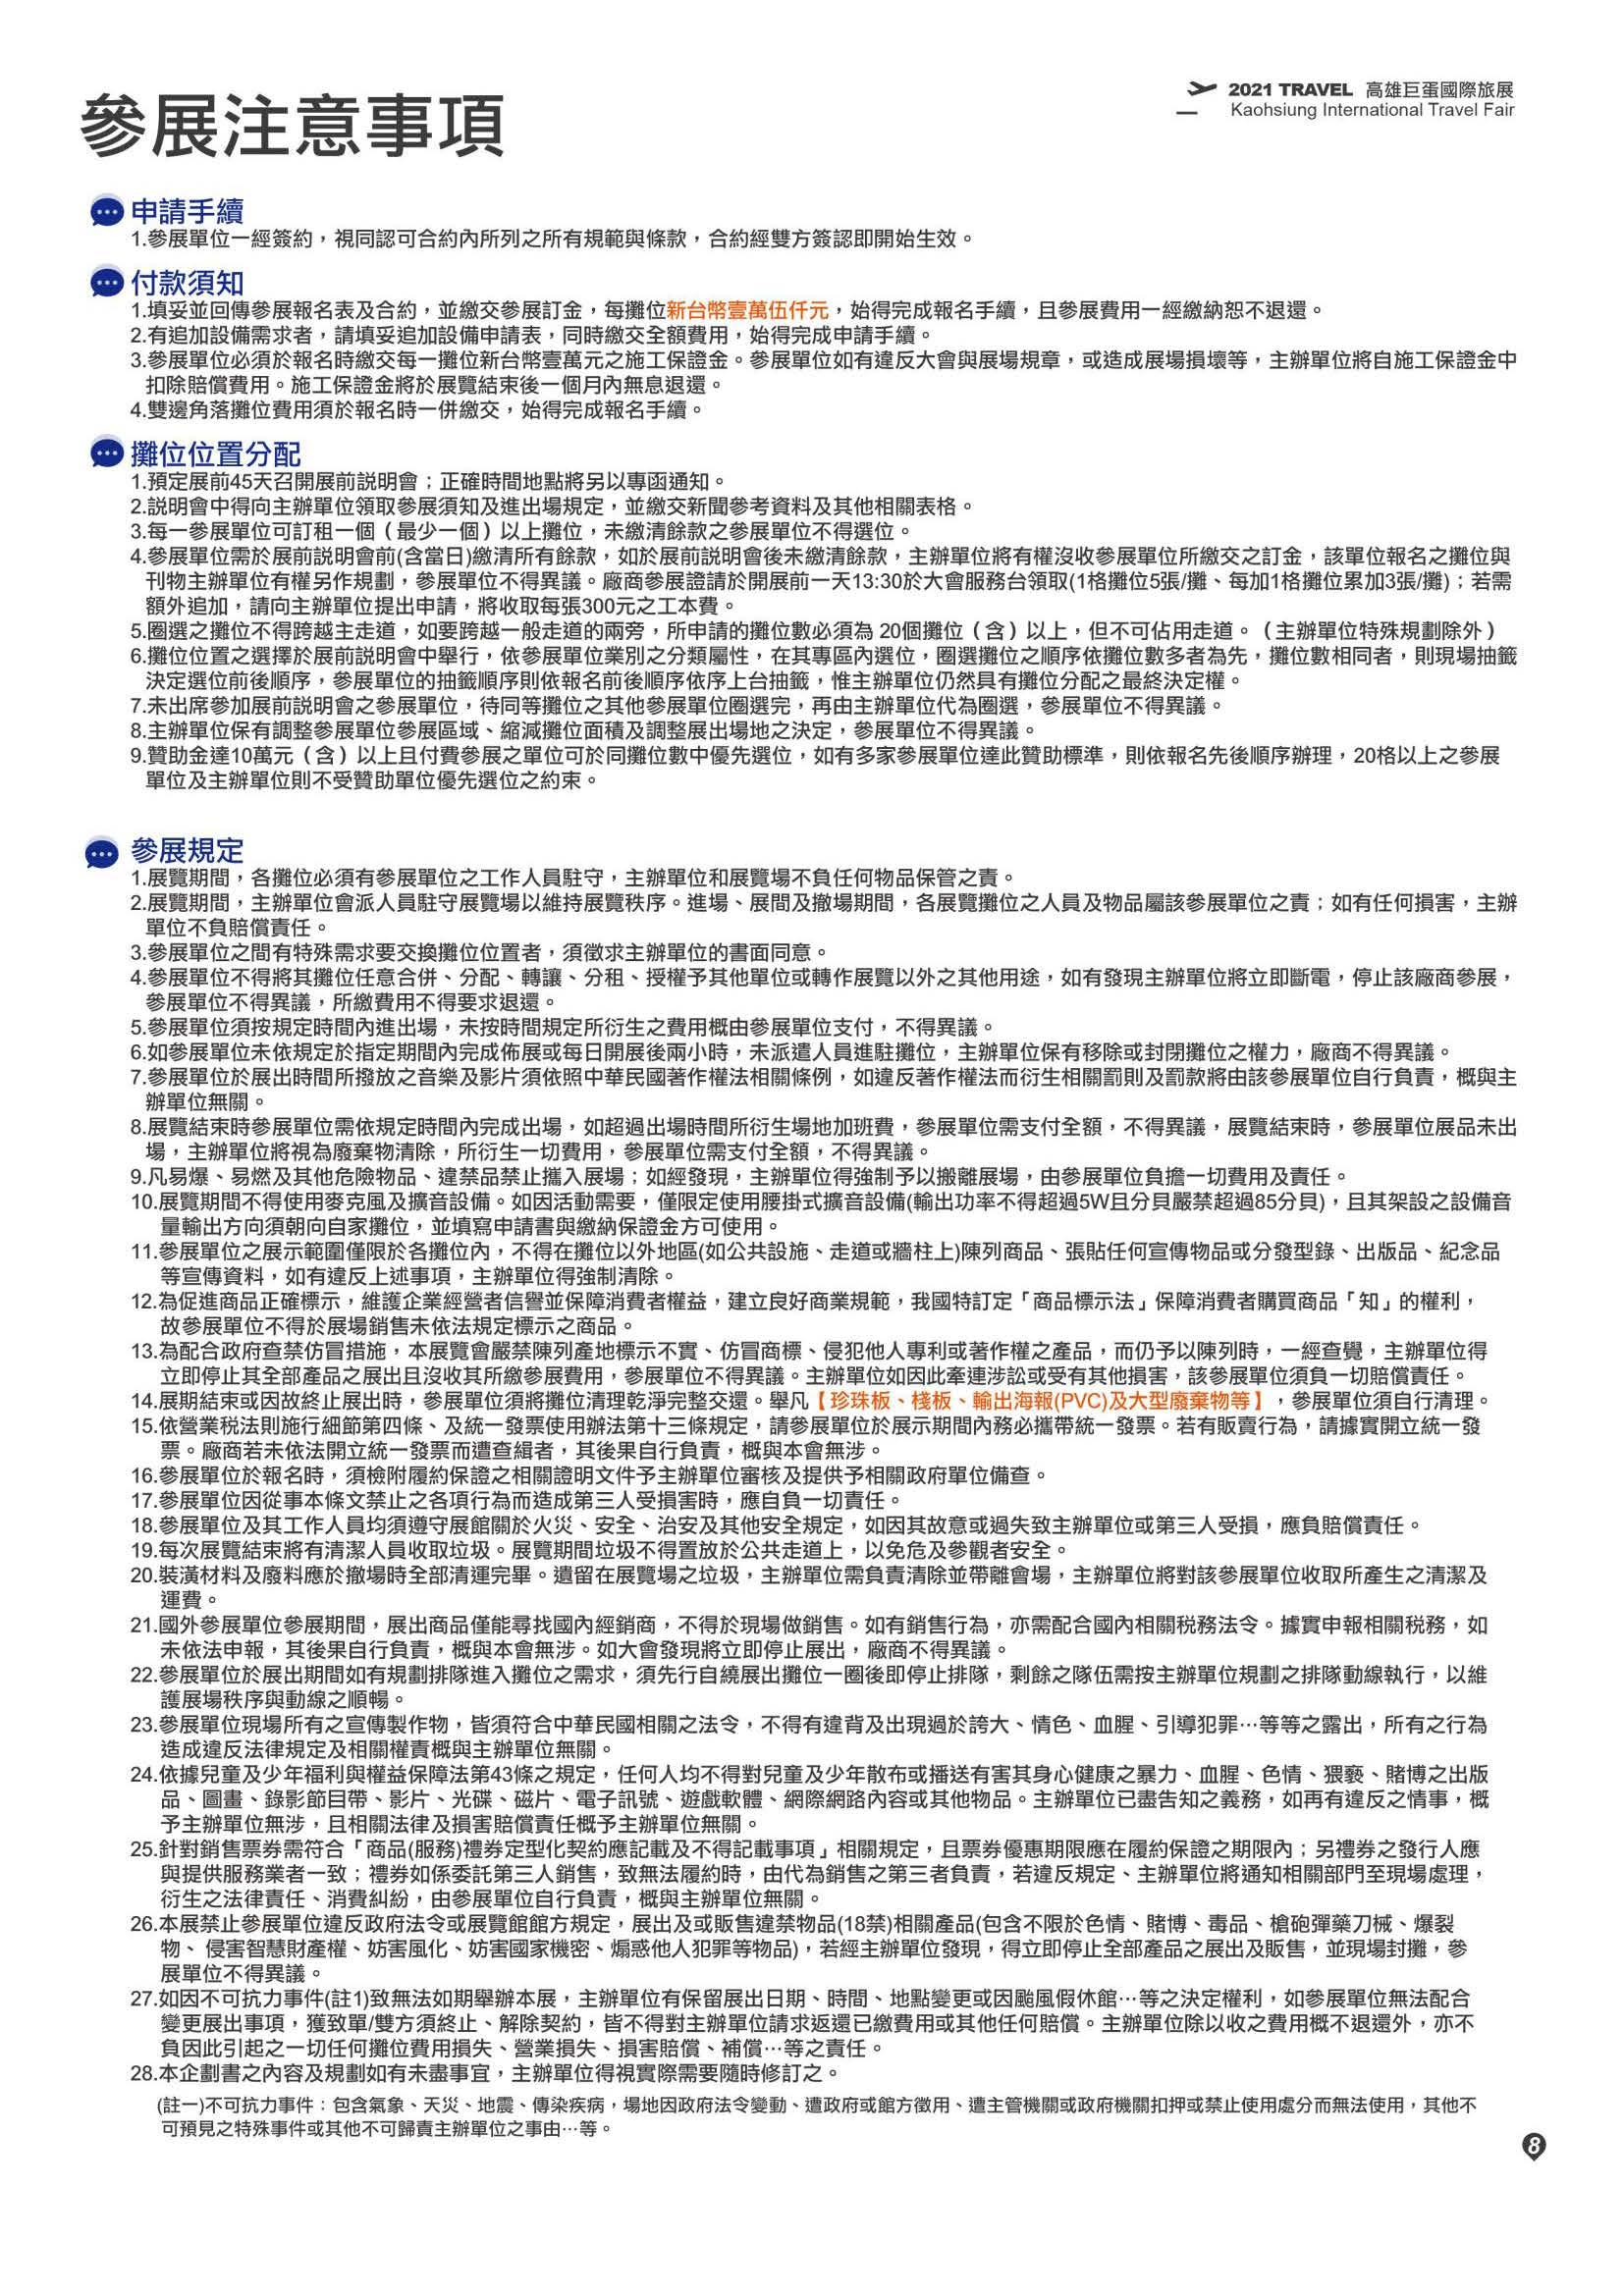 2021.11.12-15大臺南旅展企劃書(單頁版)_頁面_09